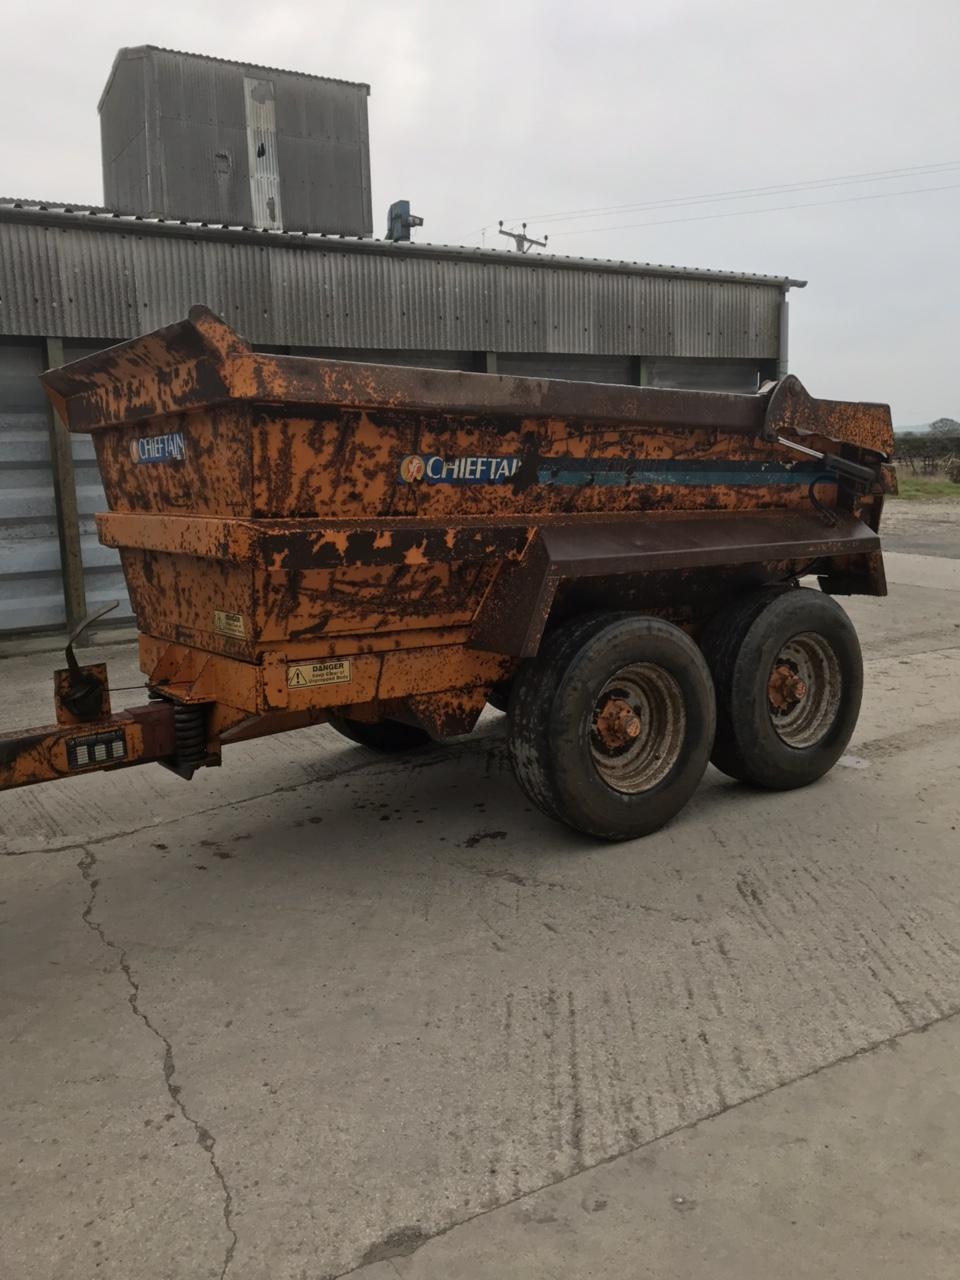 Chieftain 14ton dump trailer | The Farming Forum